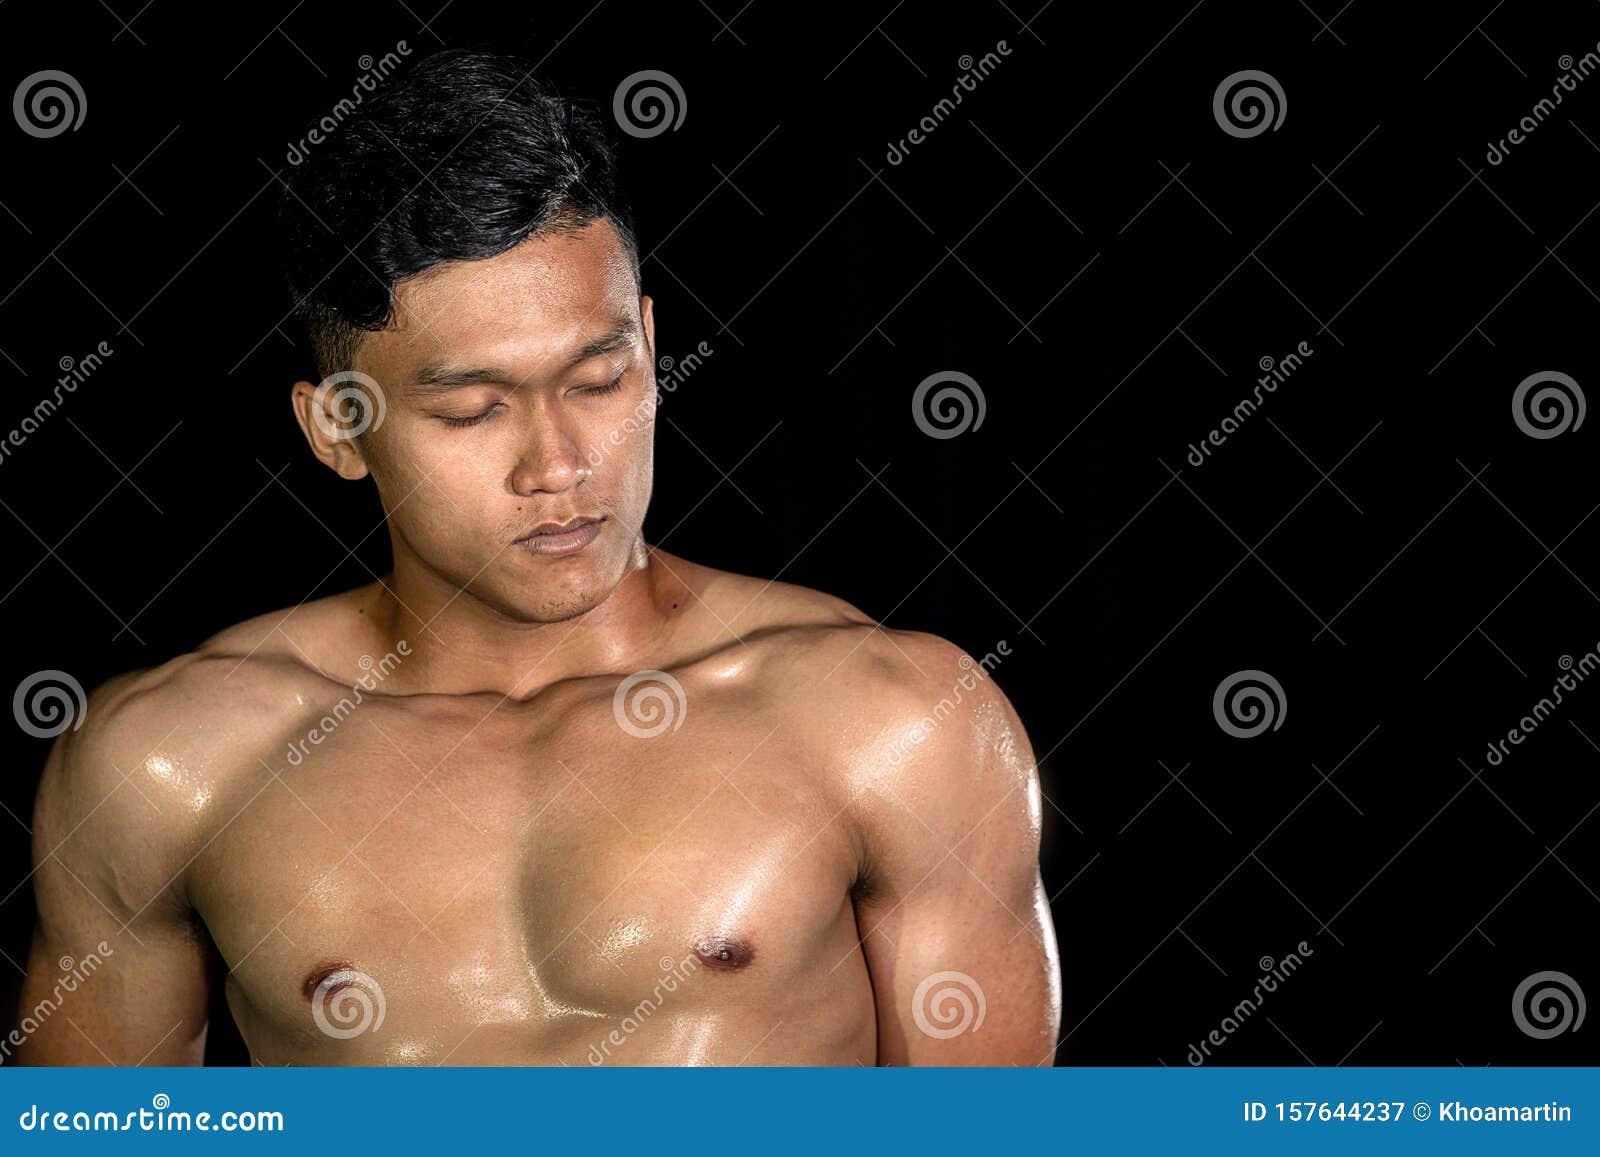 Bodybuilding women nude creampie